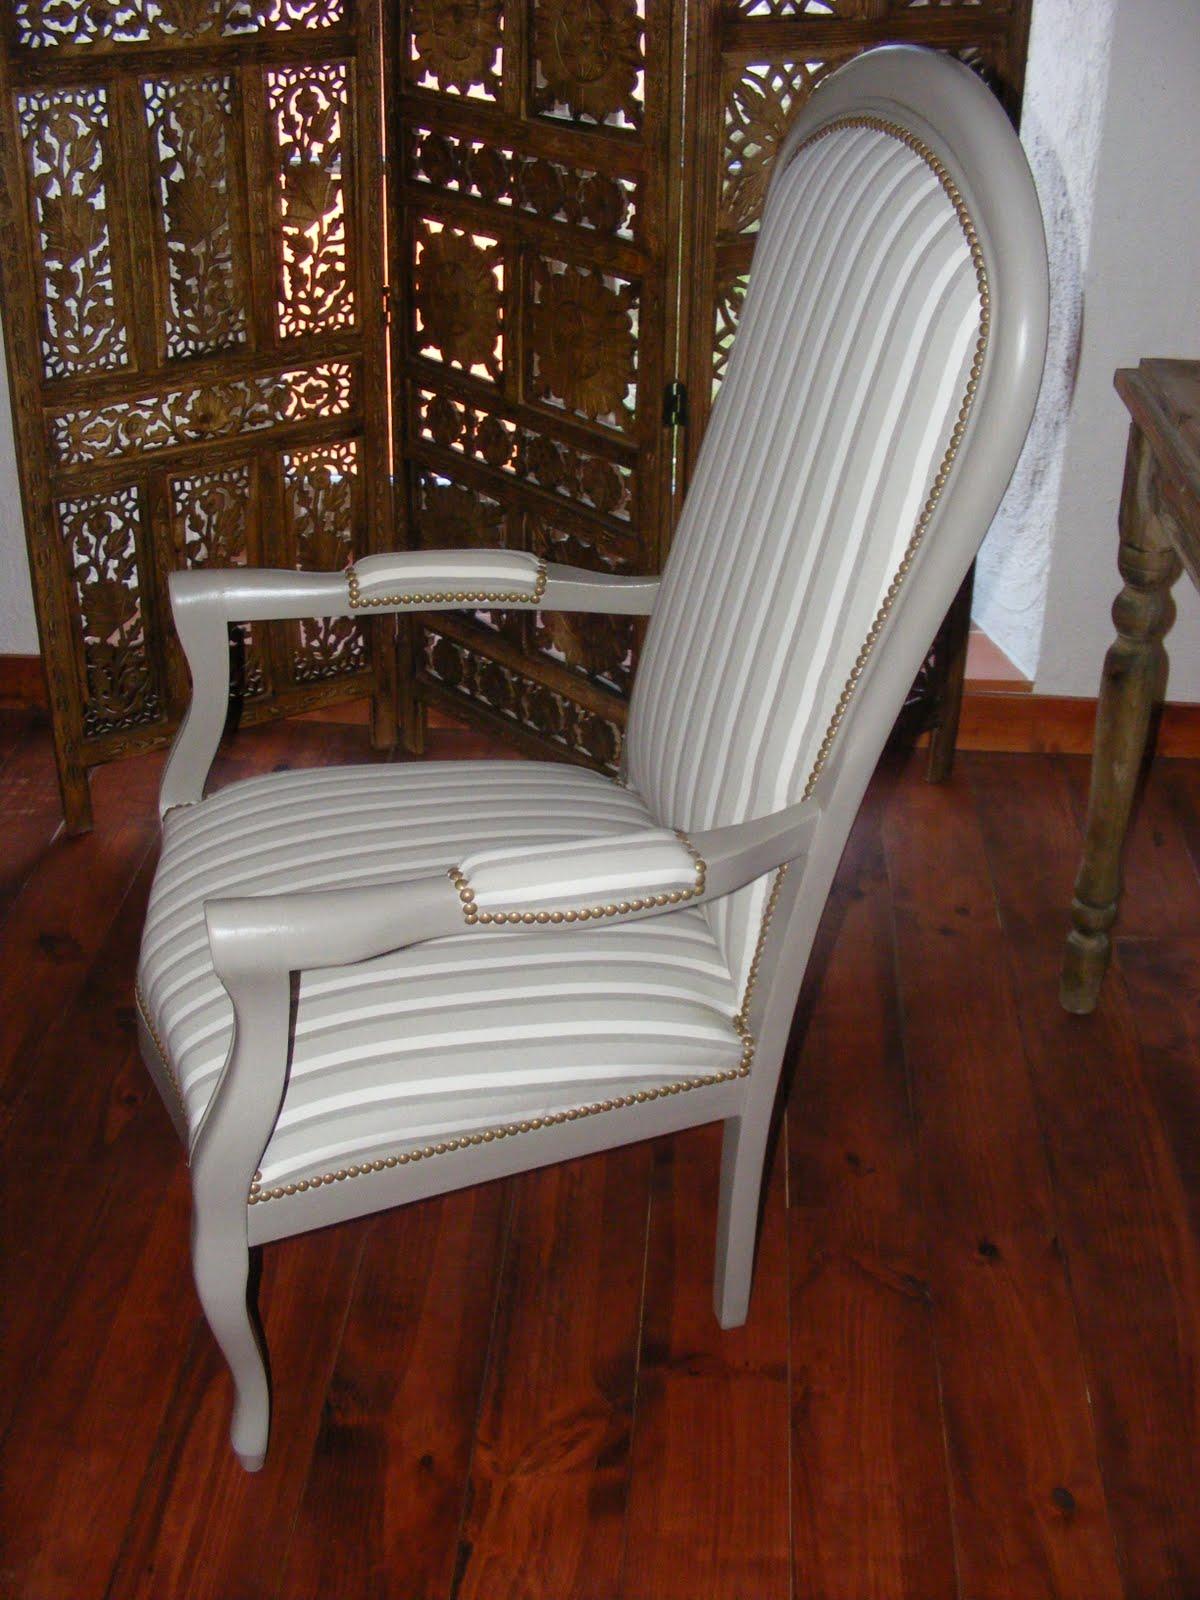 27 fauteuil voltaire les jolis si ges. Black Bedroom Furniture Sets. Home Design Ideas